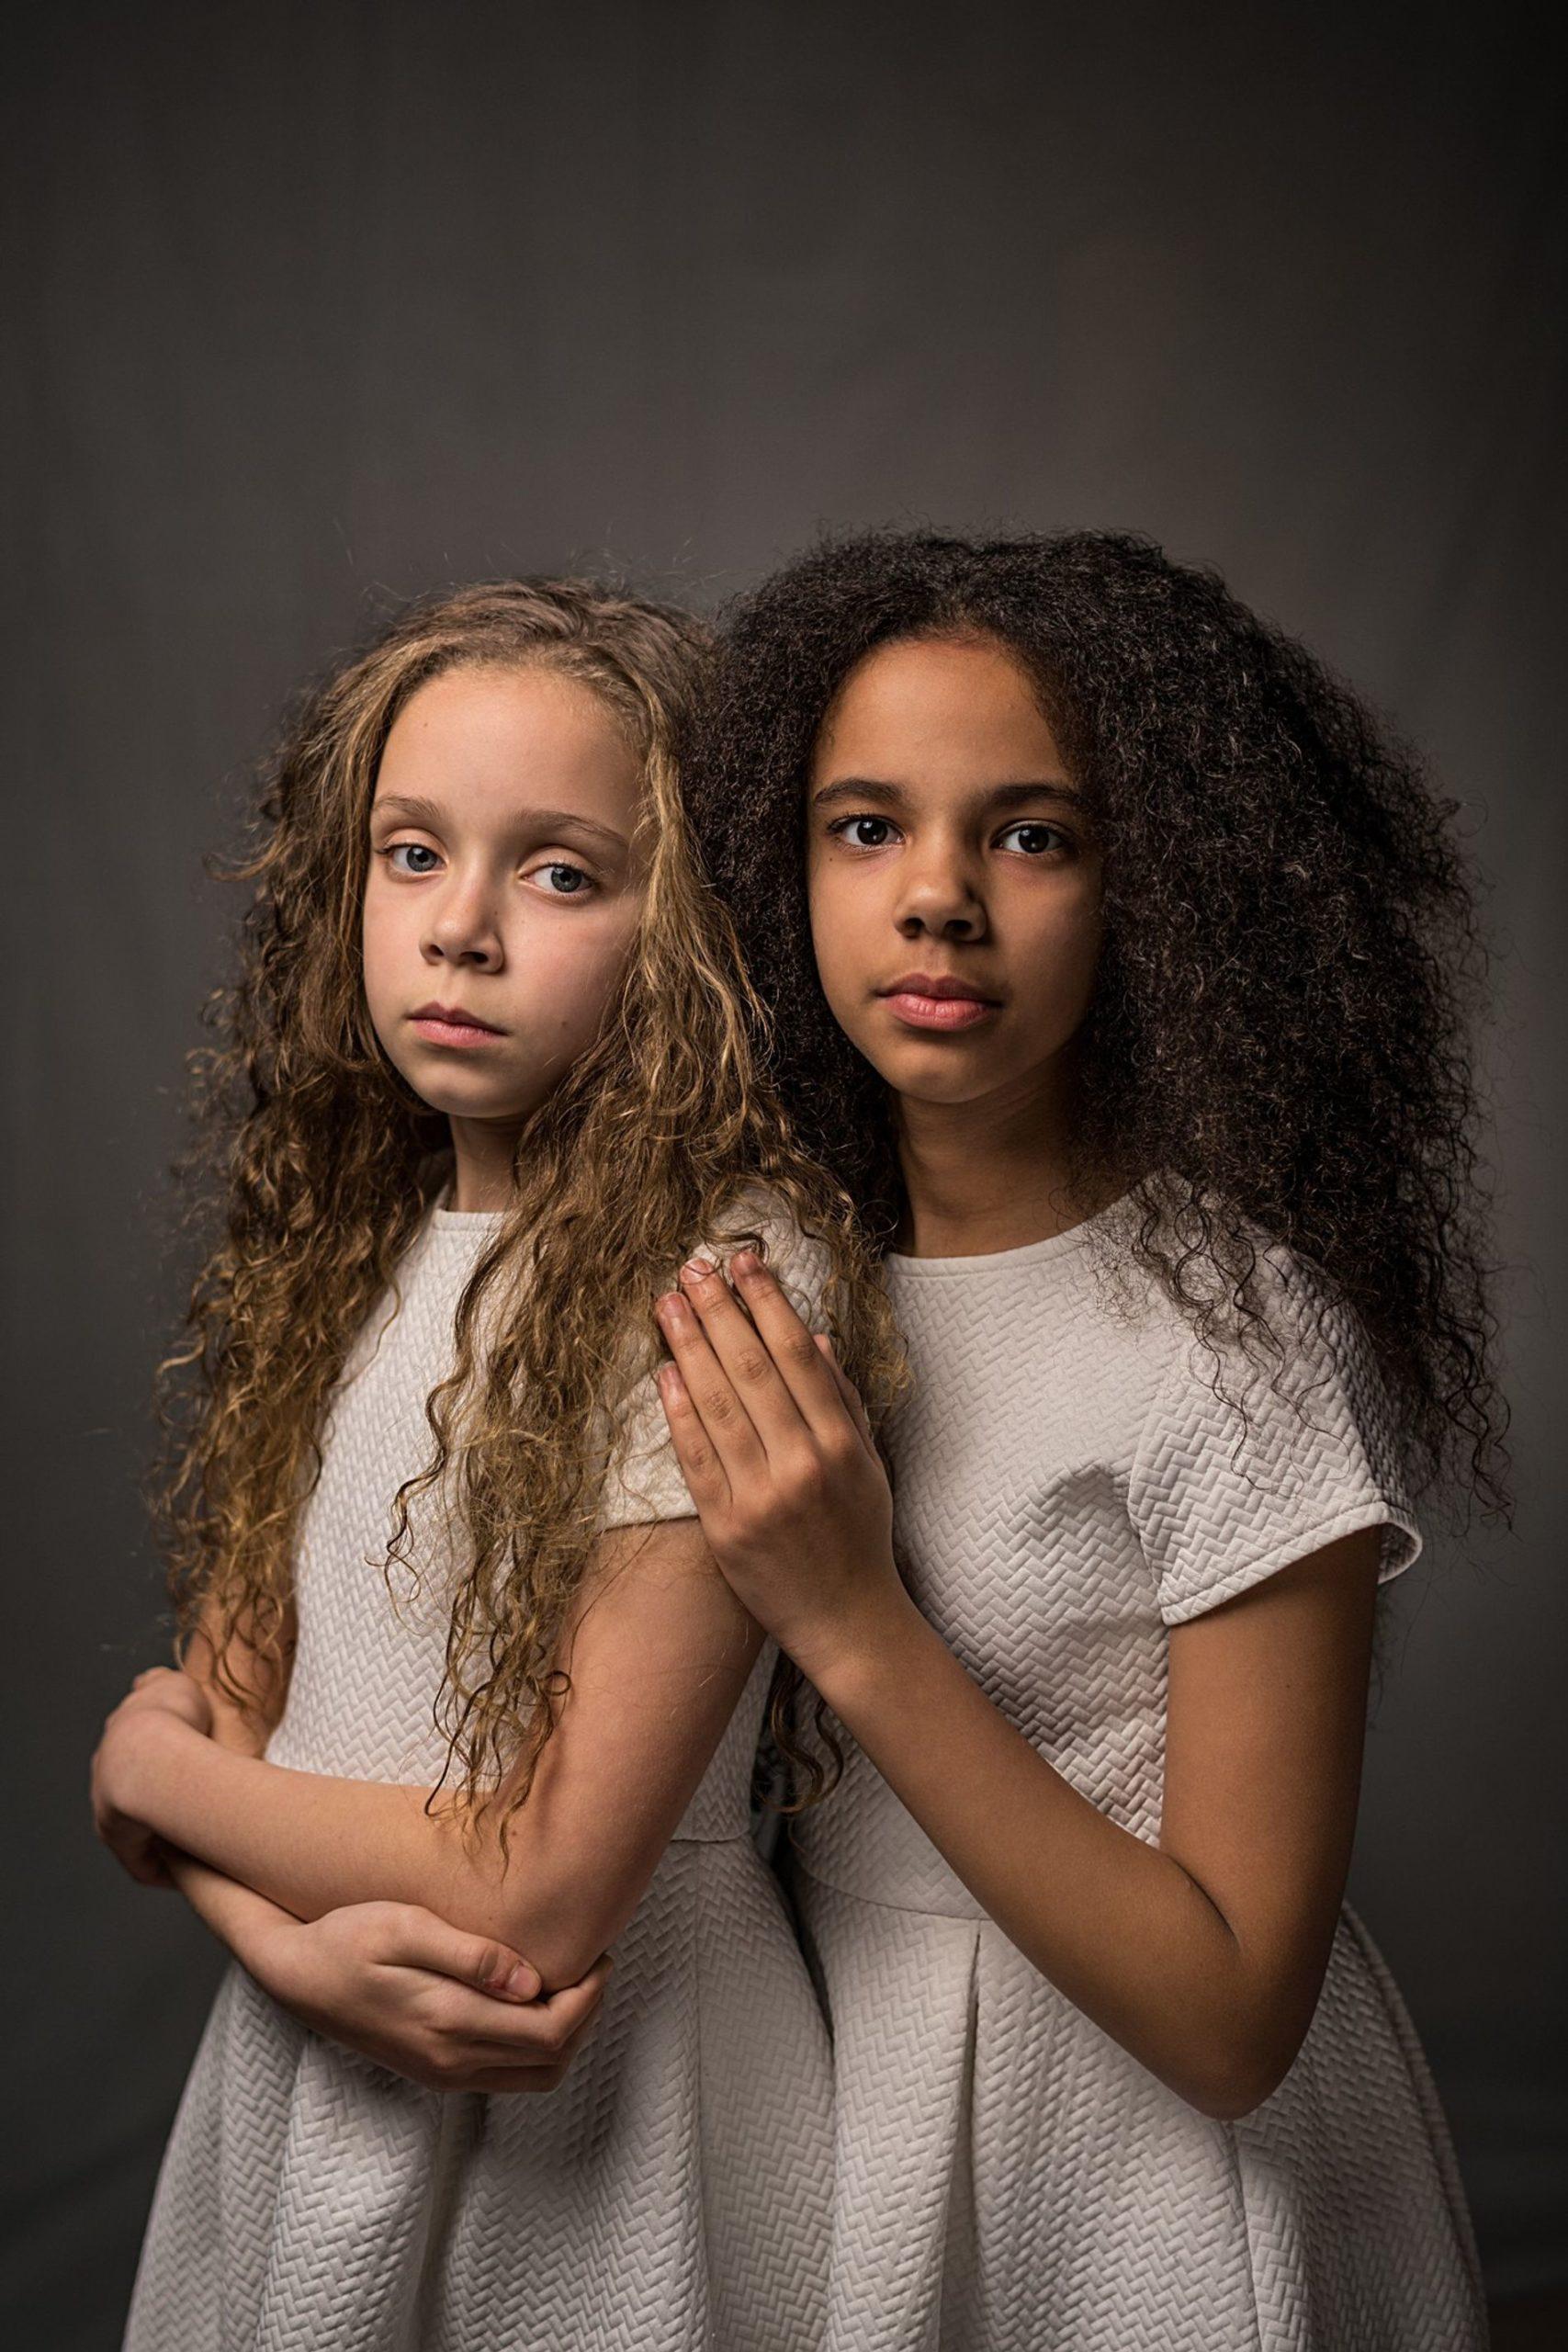 Les races, c'est génétique, qu'ils le veuillent ou non !